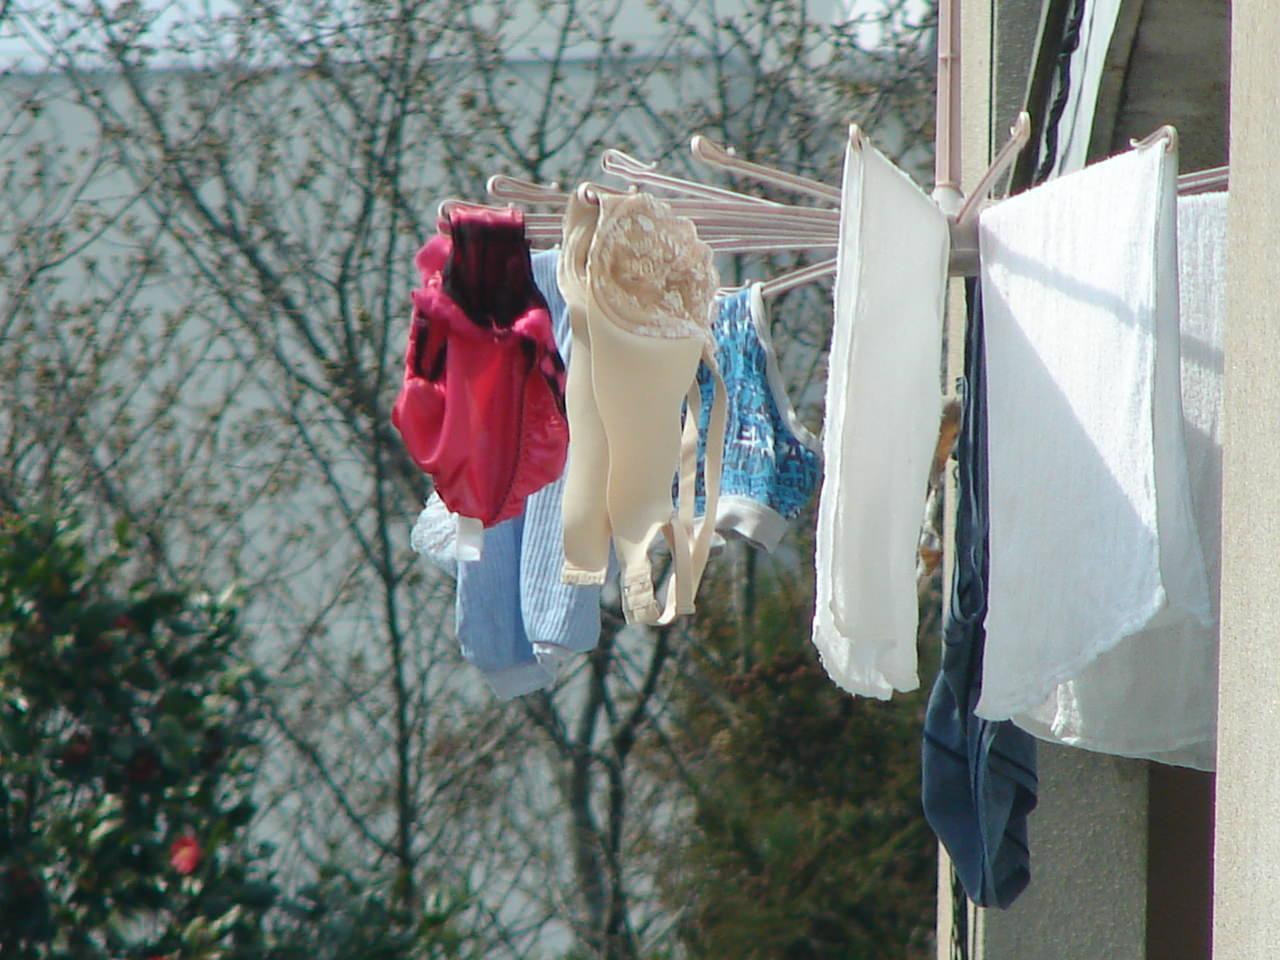 若い素人妻が暮らすベランダに干された洗濯物のブラやパンティーの下着エロ画像 954